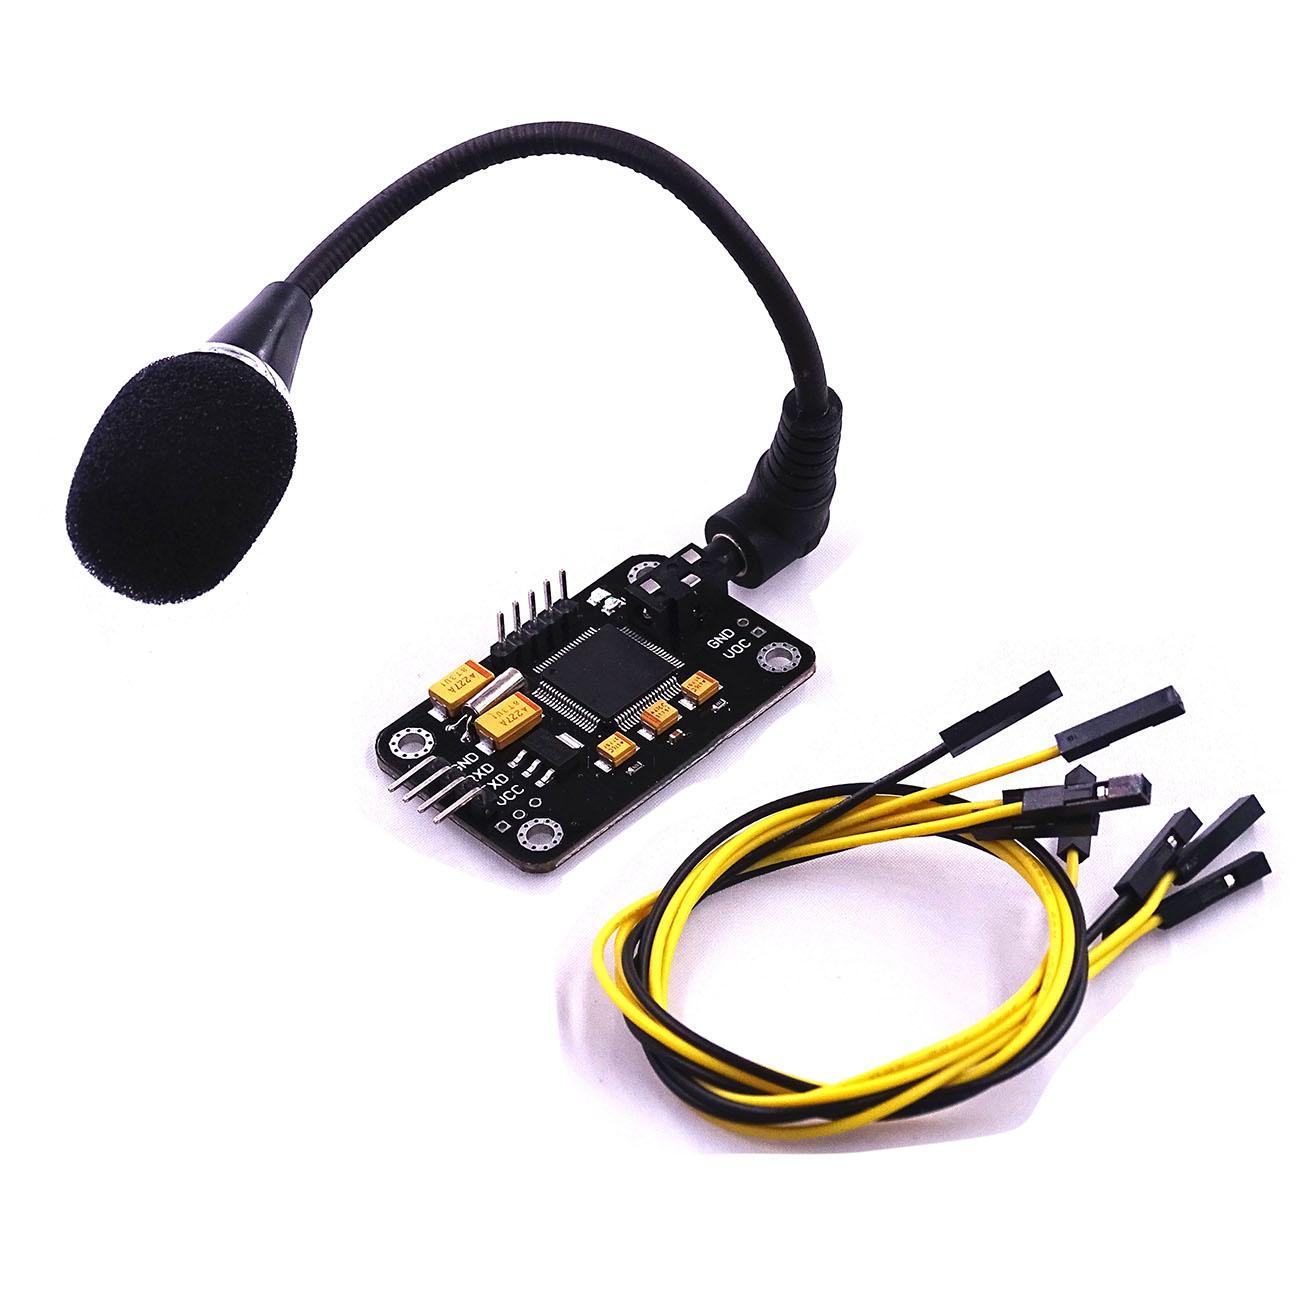 โมดูลควบคุมด้วยเสียง Speech Recognition Module